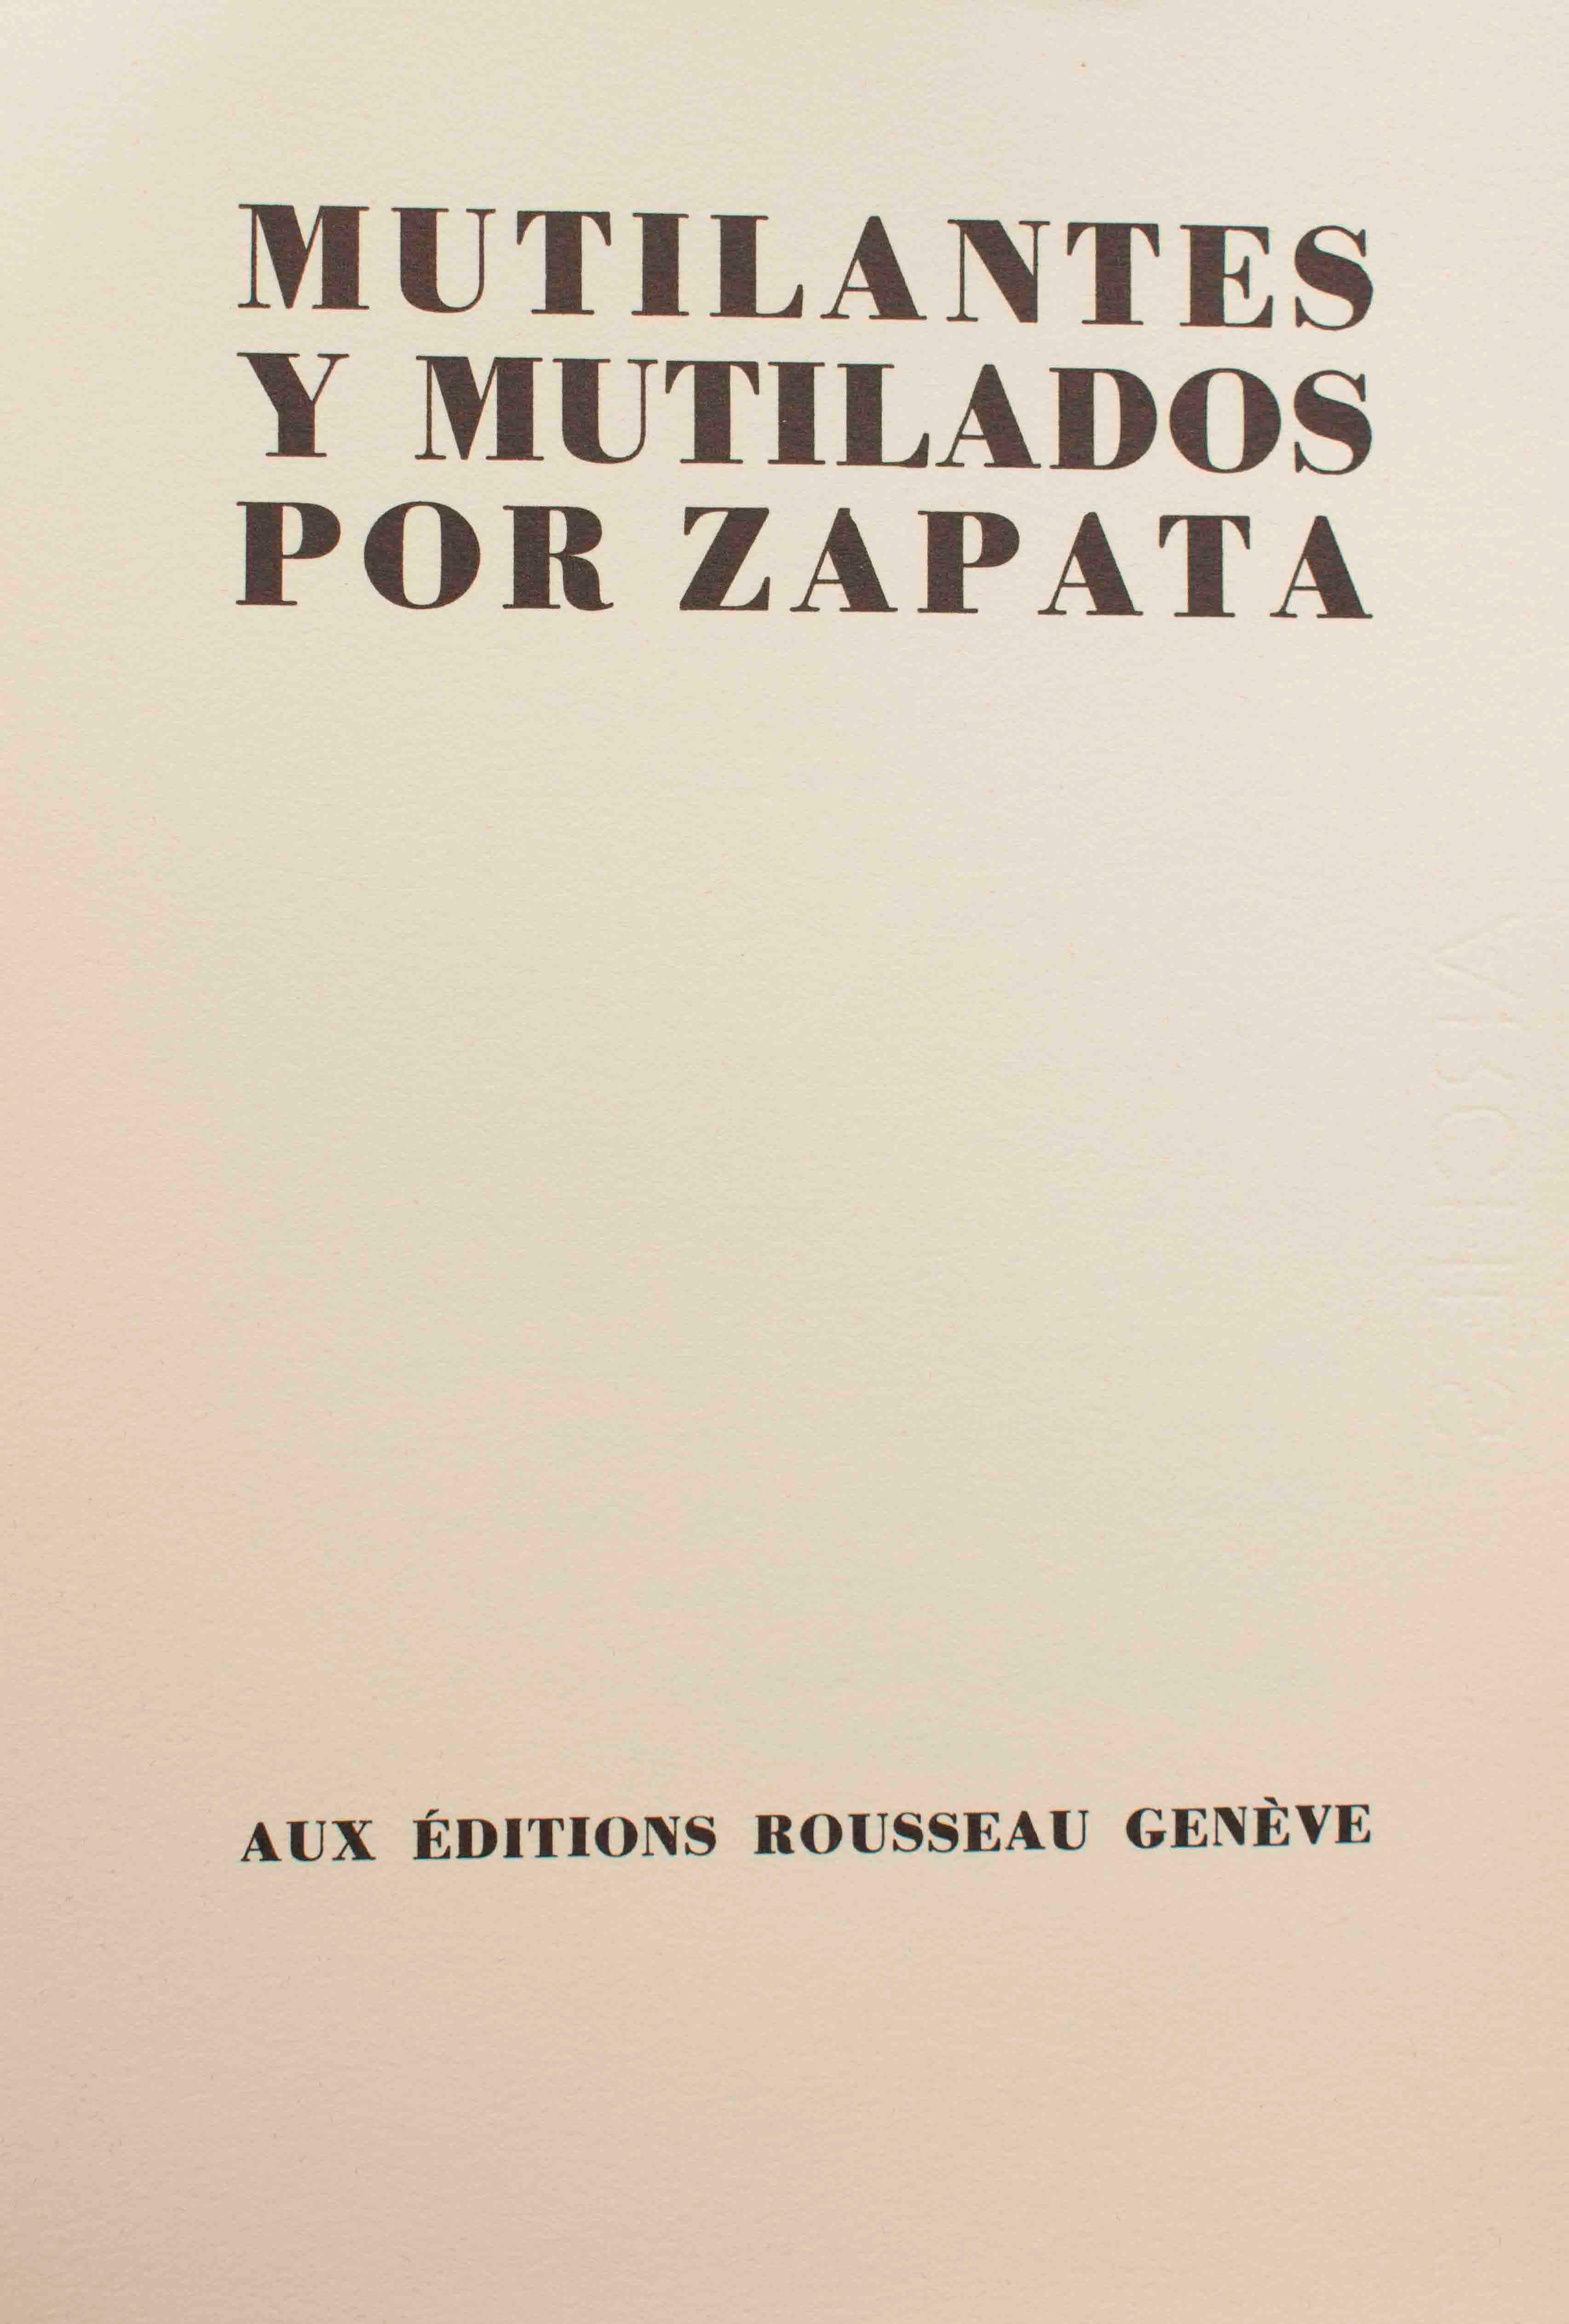 Mutilantes y Mutilados por Zapata